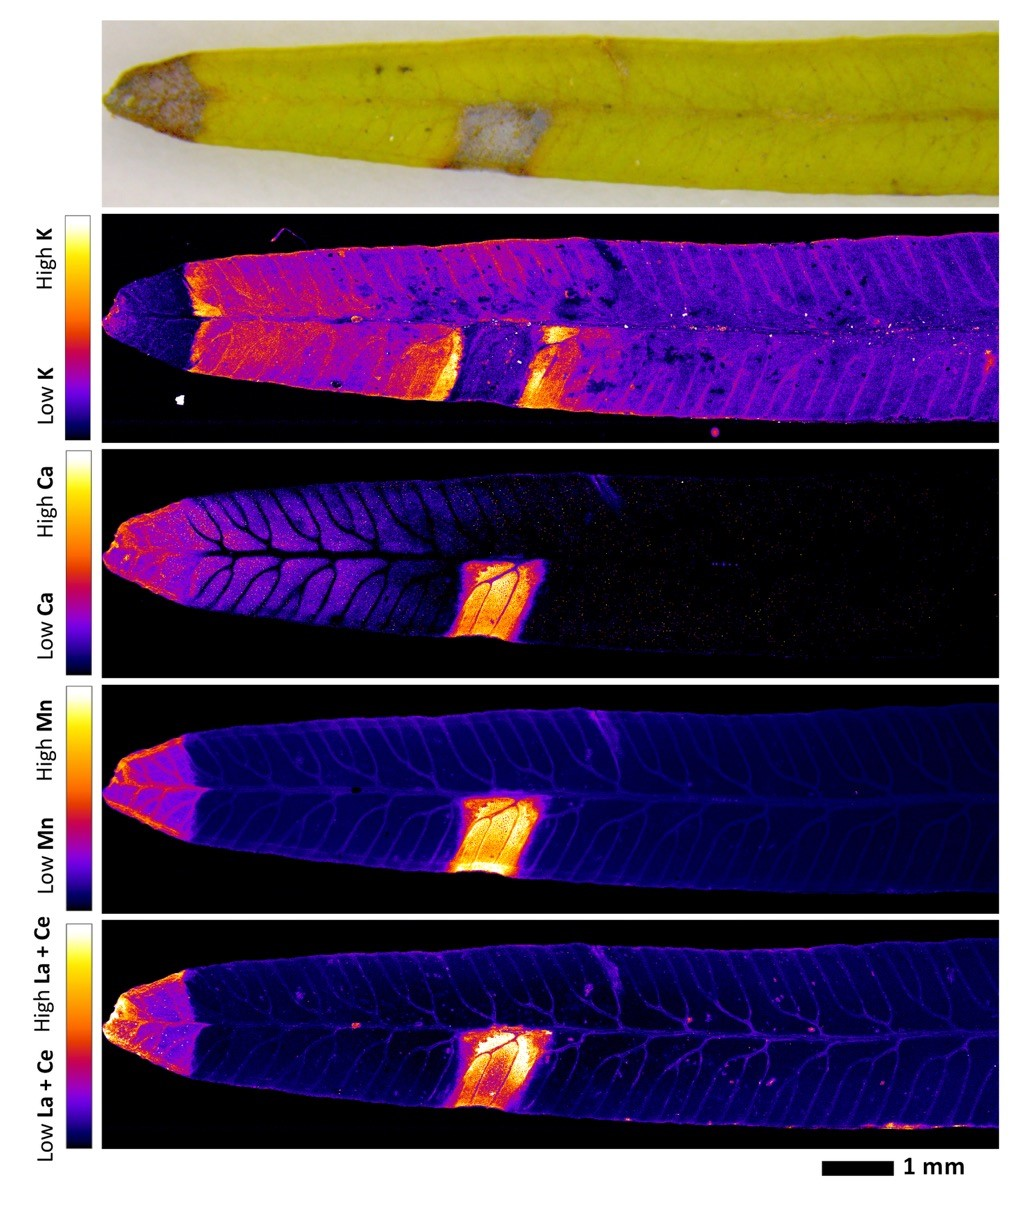 Image d'extrémités de feuilles de Dicranopteris linearis obtenue grâce au synchrotron